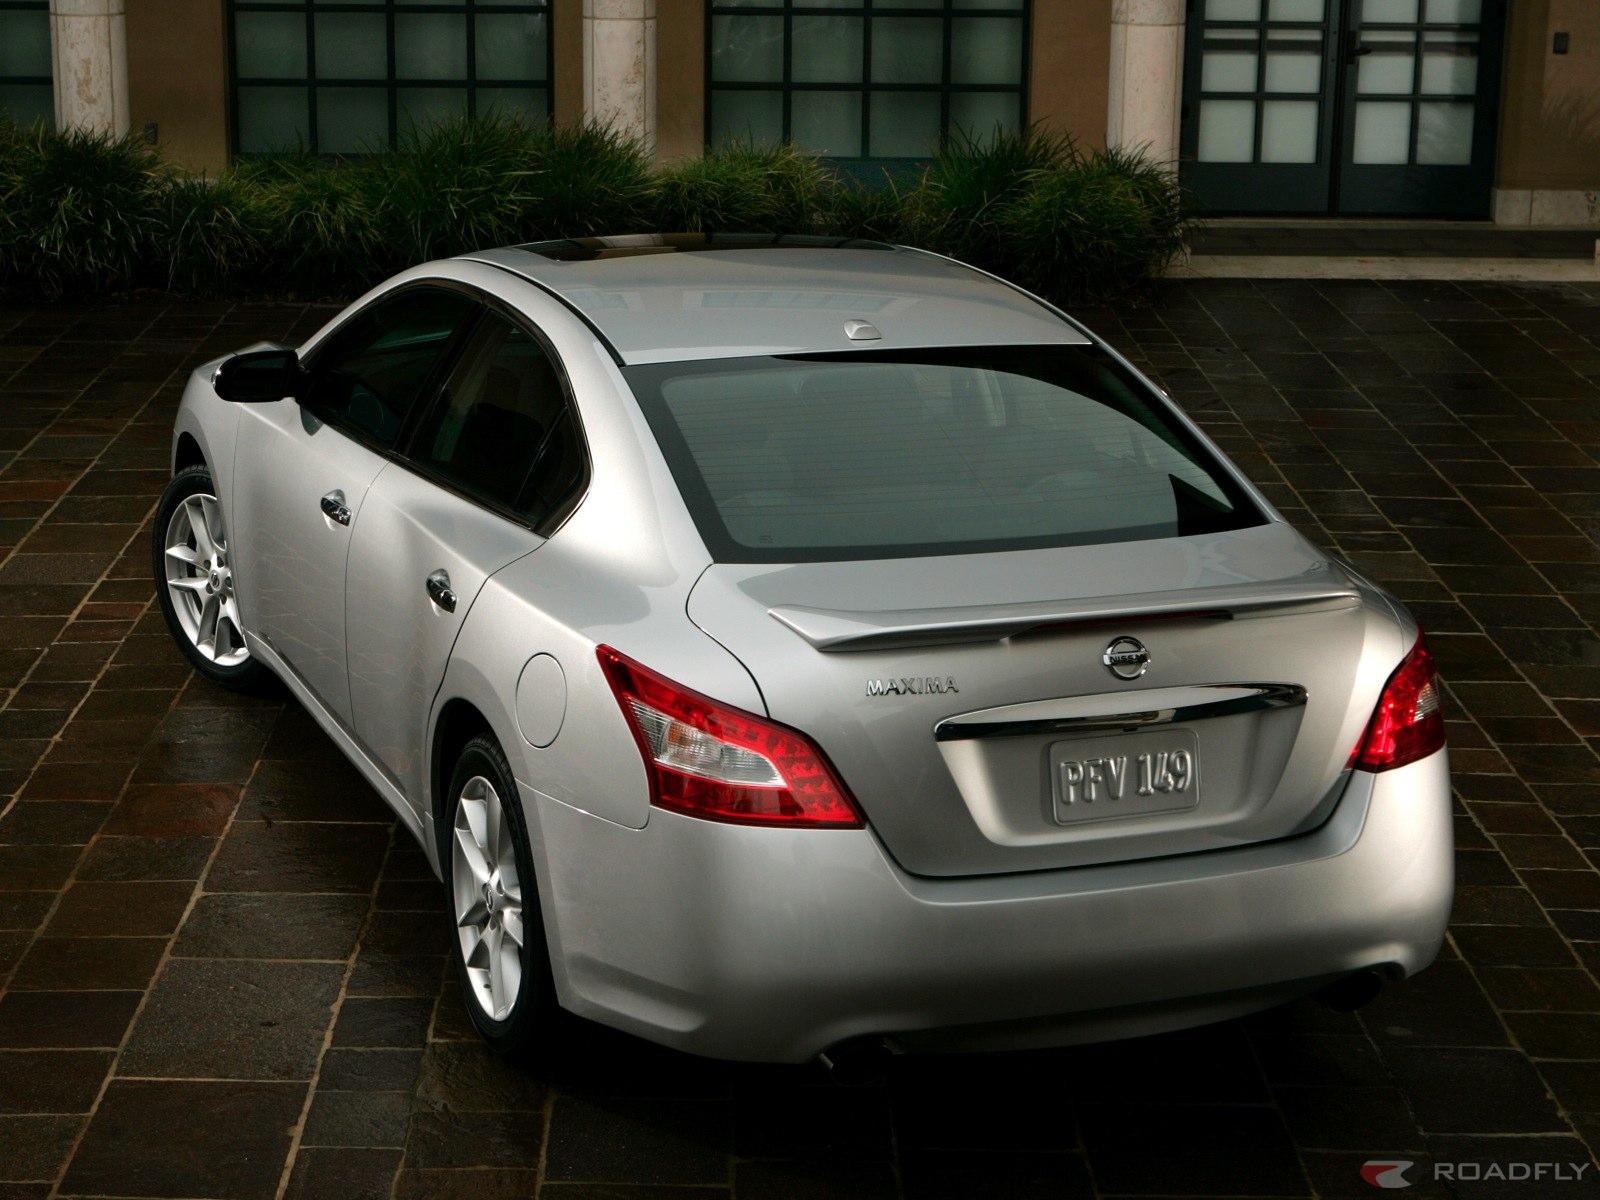 Mobil Nissan maxima